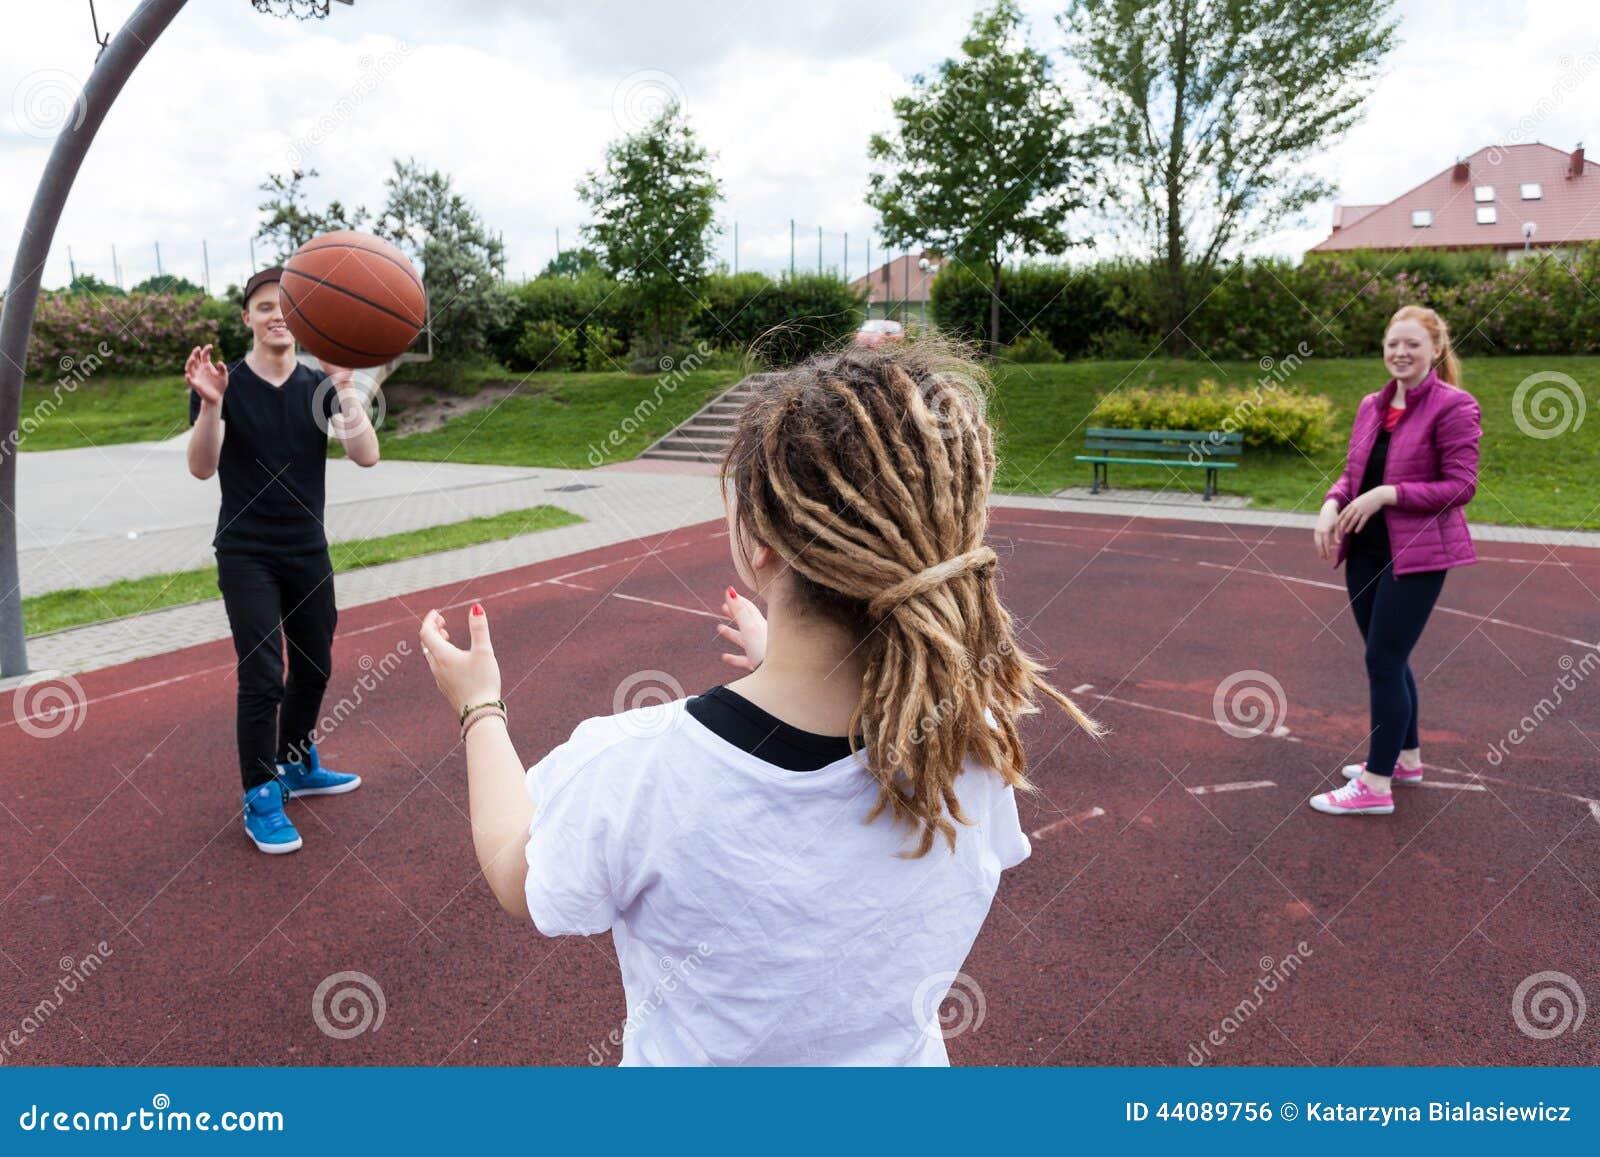 Nastolatkowie bawić się koszykówkę w parku